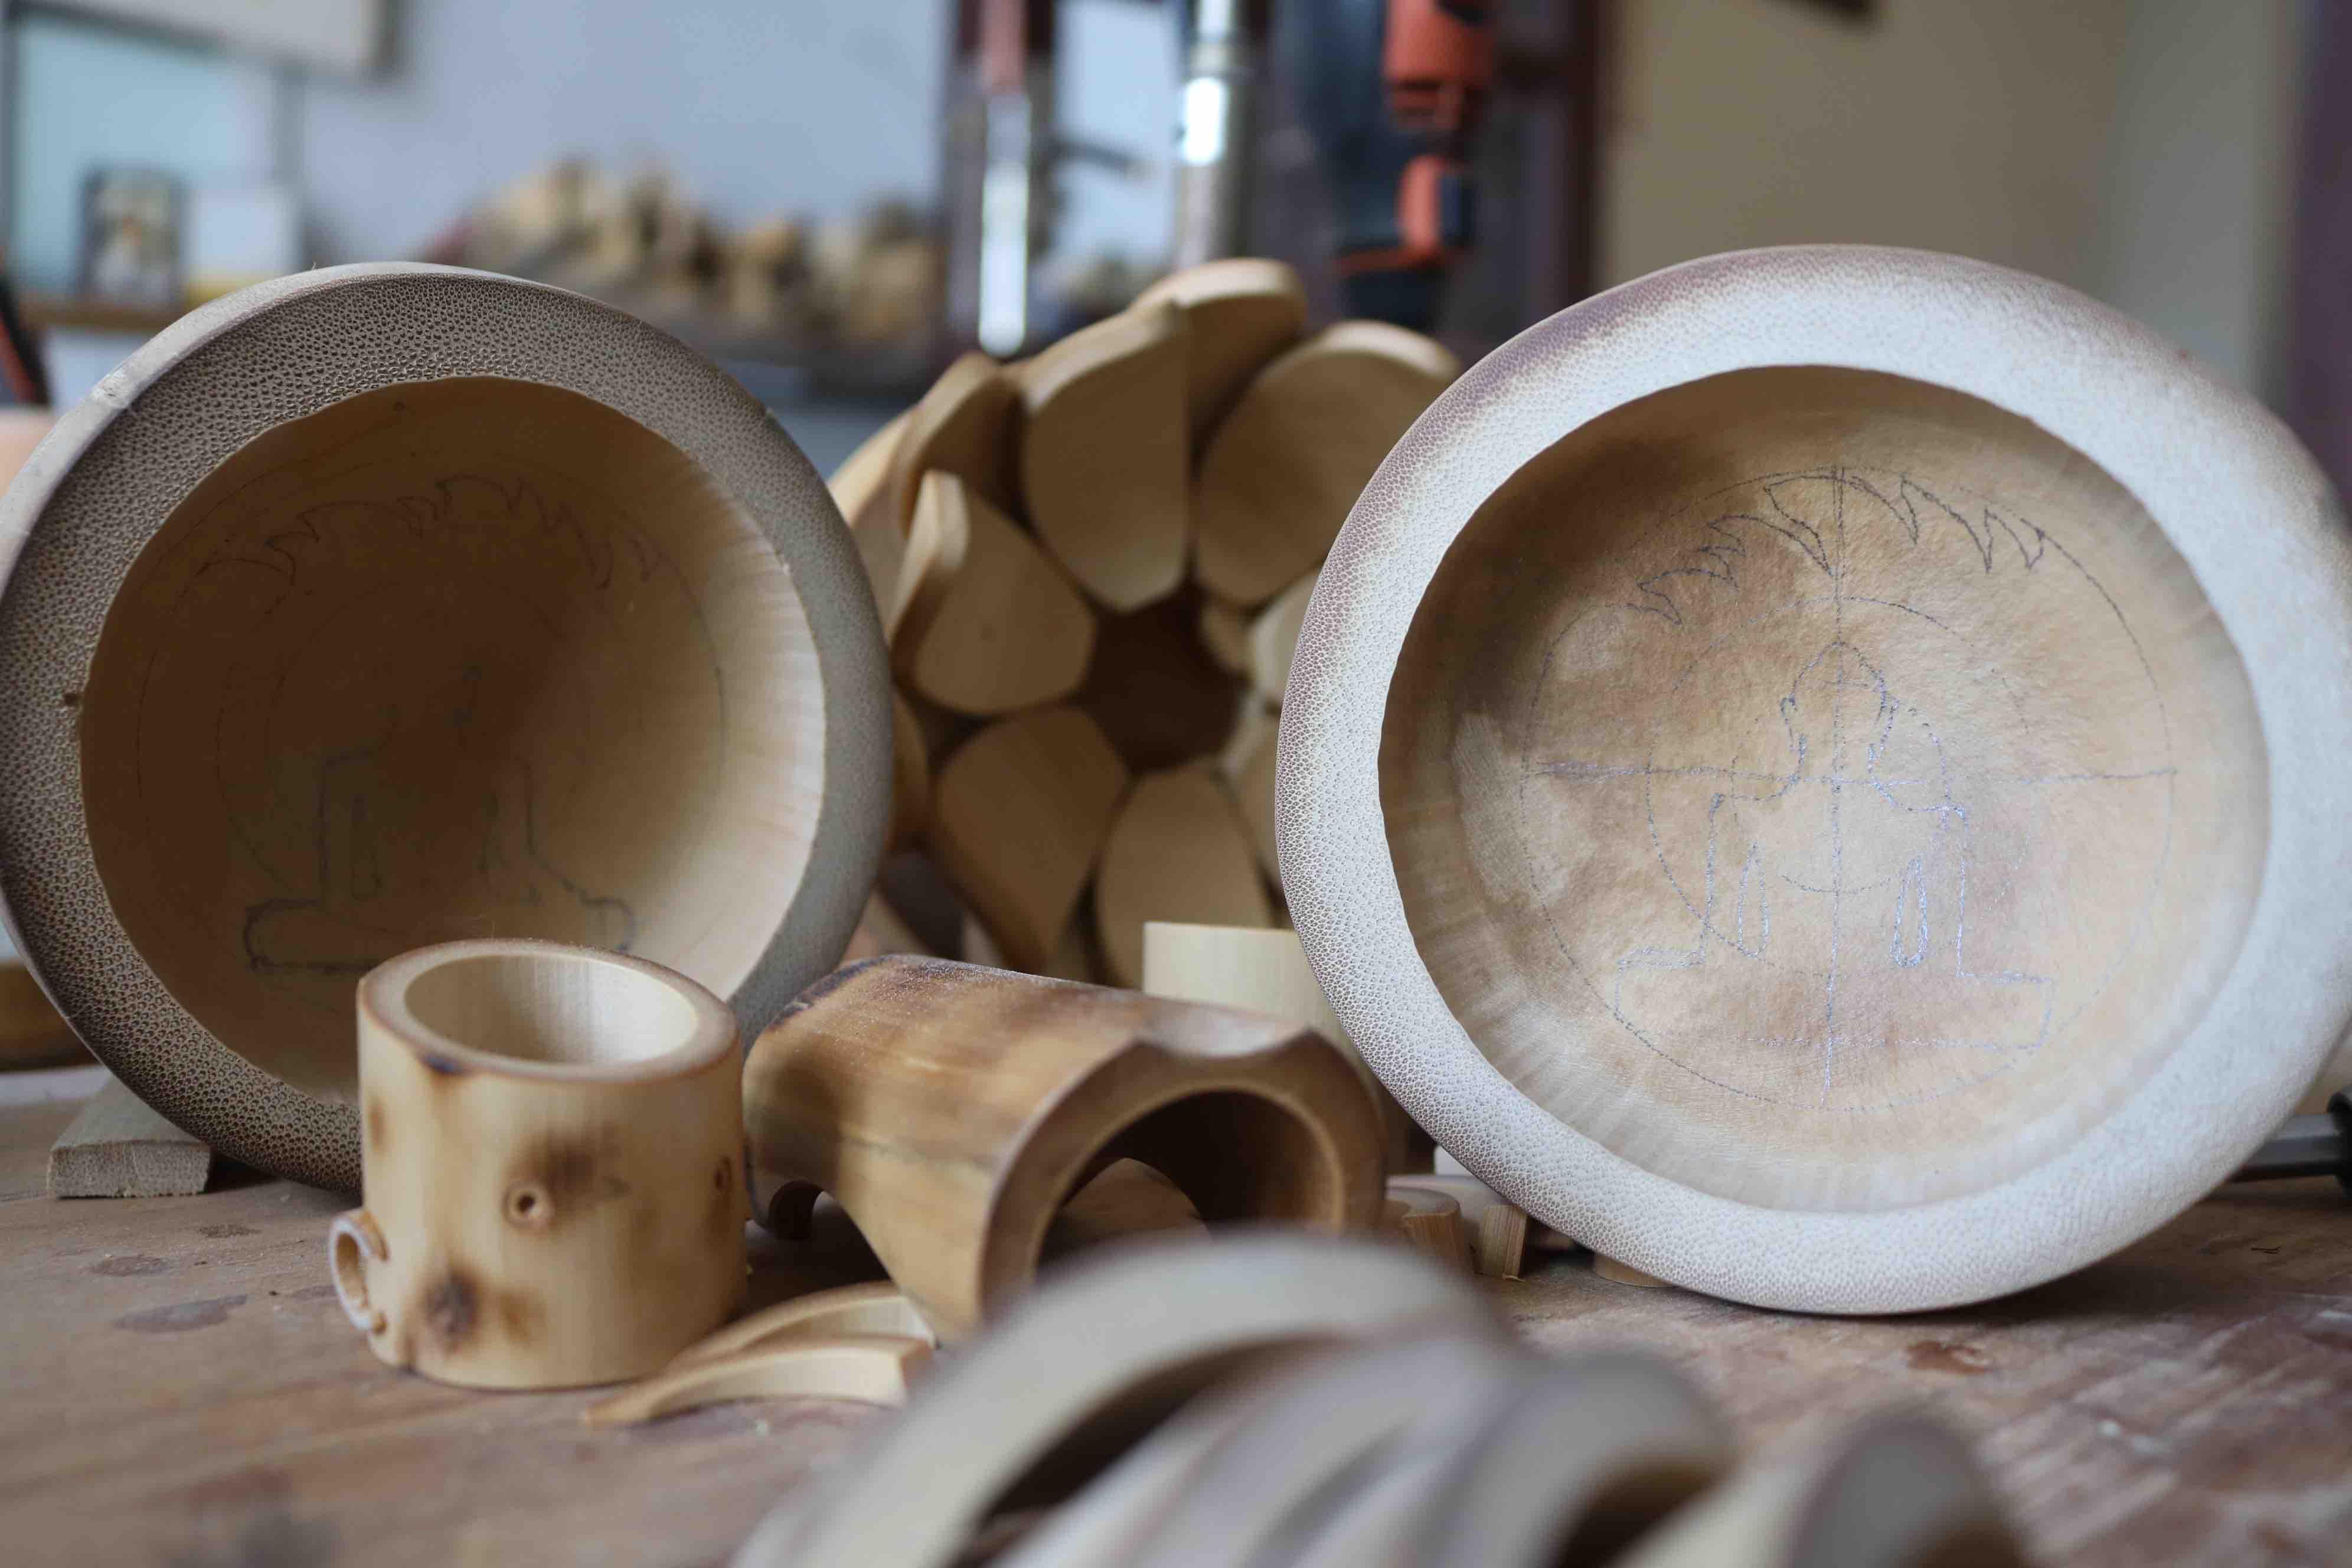 Sketches on a bamboo node. Photo: Hoang An / Tuoi Tre